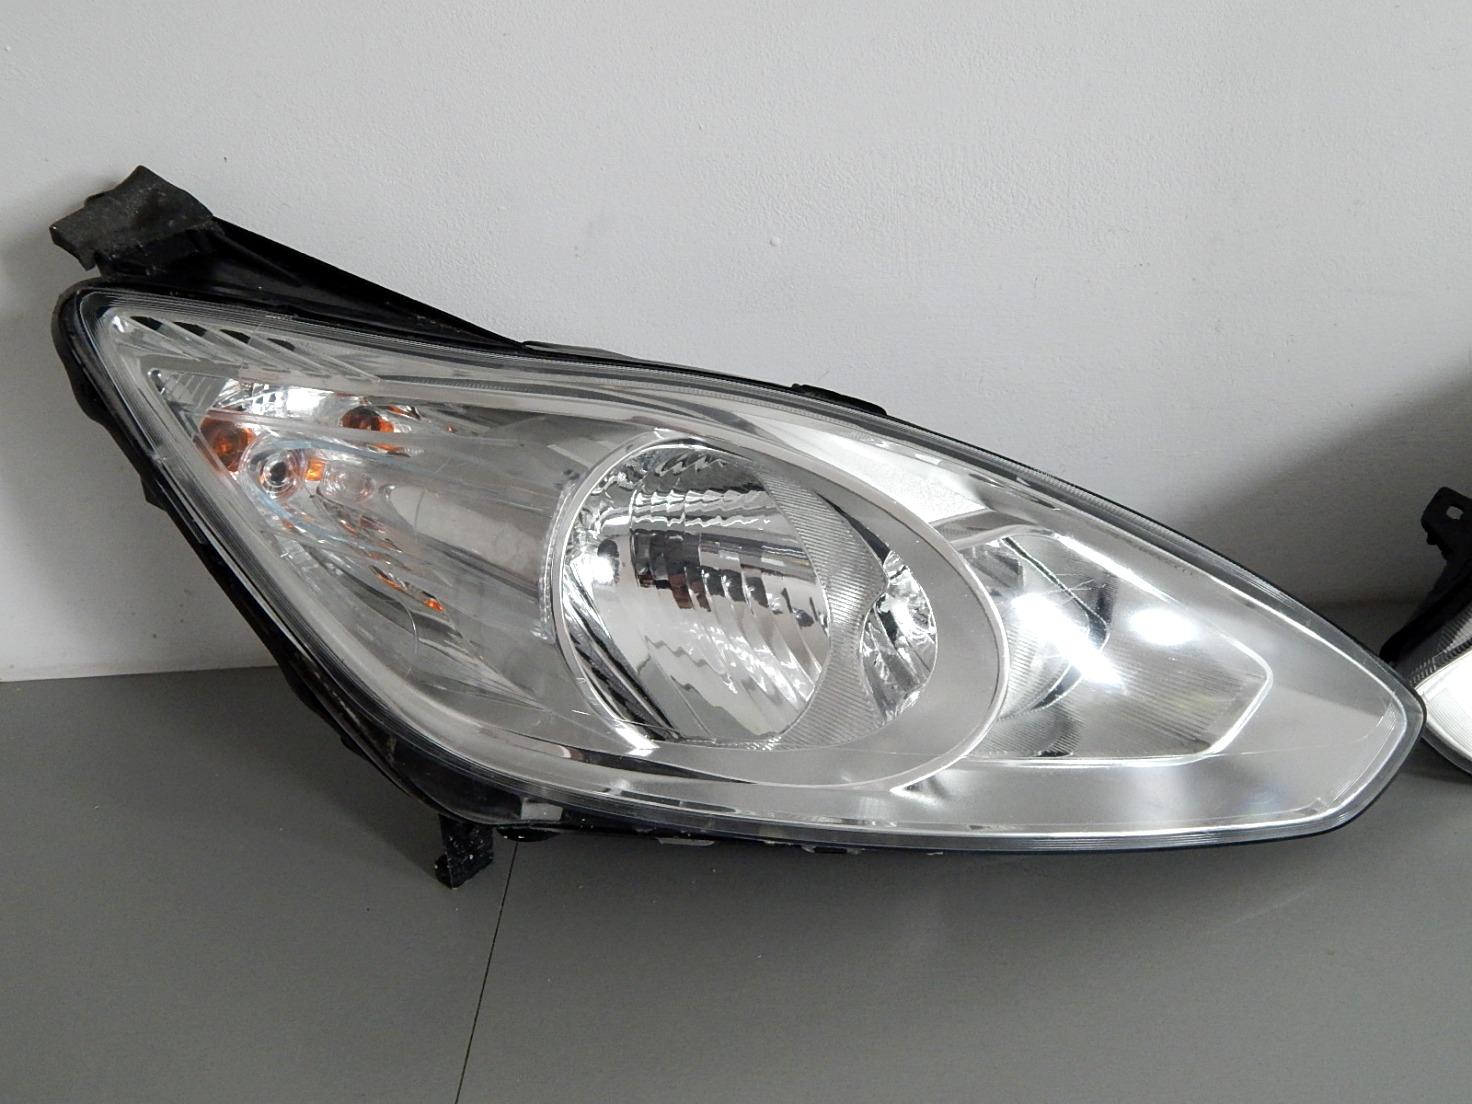 Ford C Max Prawa Lampa Przód Na Bazarekpl